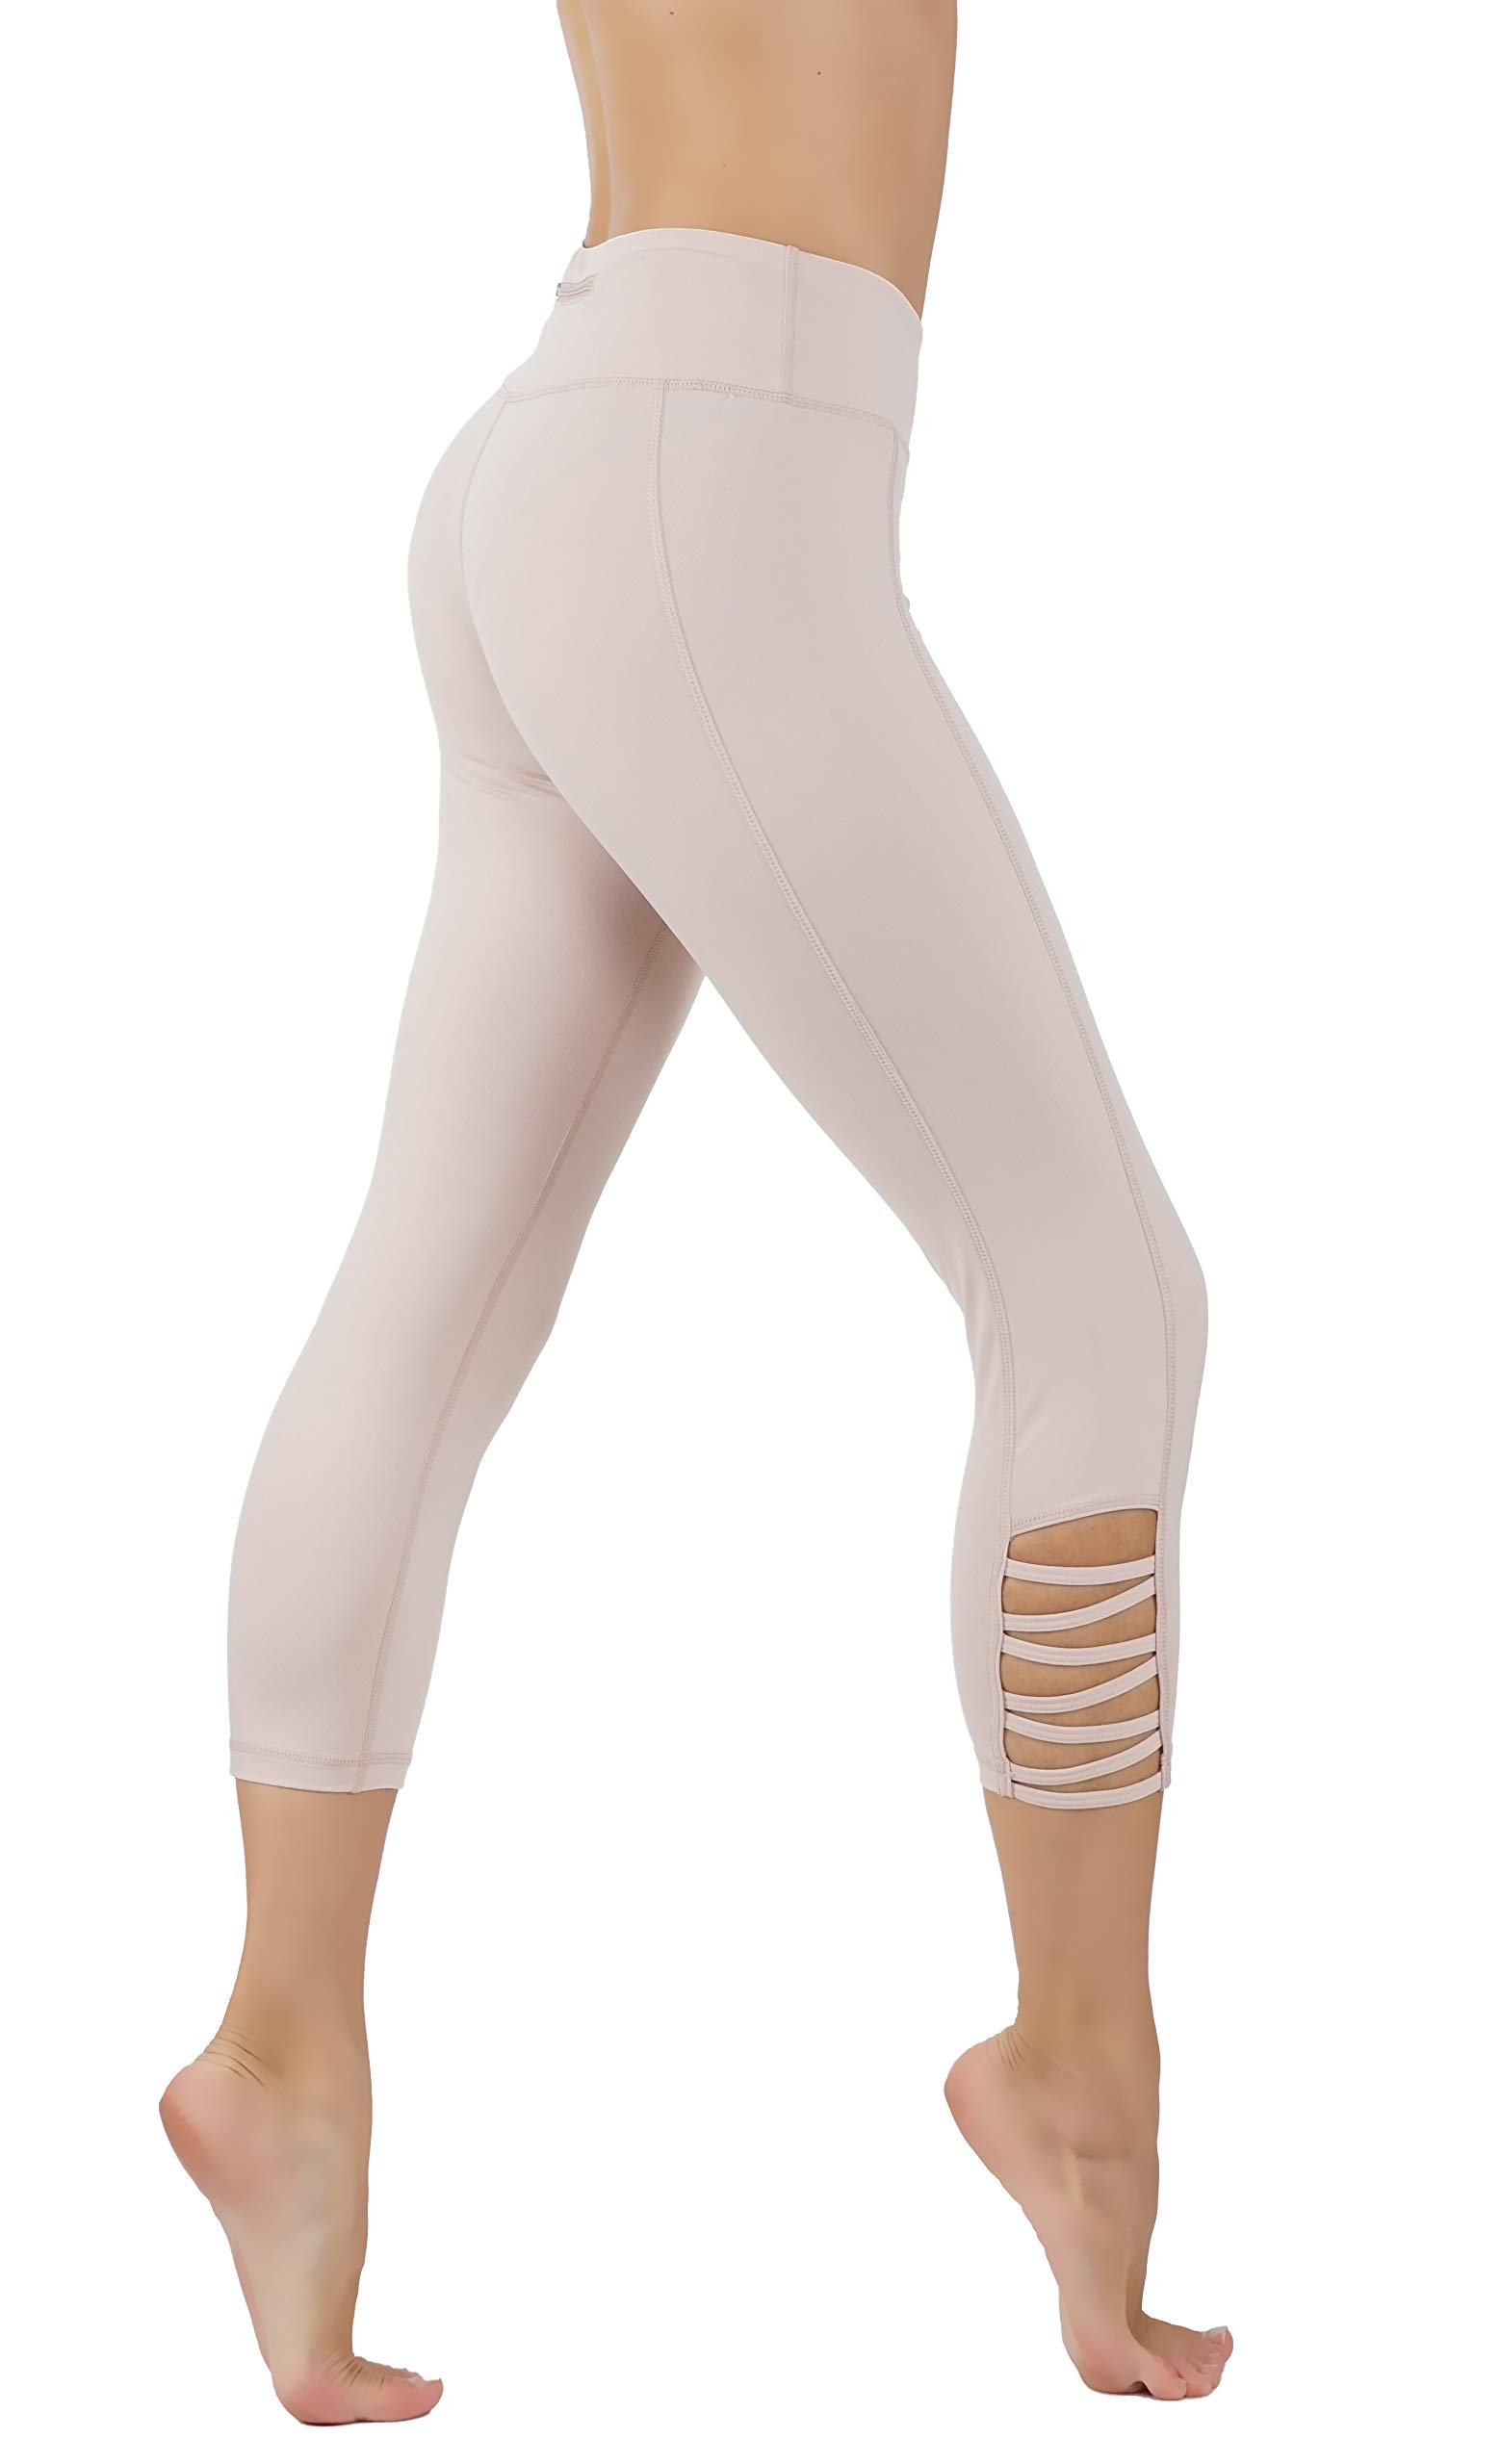 CodeFit Yoga Pants Power Flex Dry-Fit with CRIS Cross Leg Cutouts 7/8 Length Soled Color Leggings Key Pocket (M US Size 8-10, CF321/C110-P.PNK)